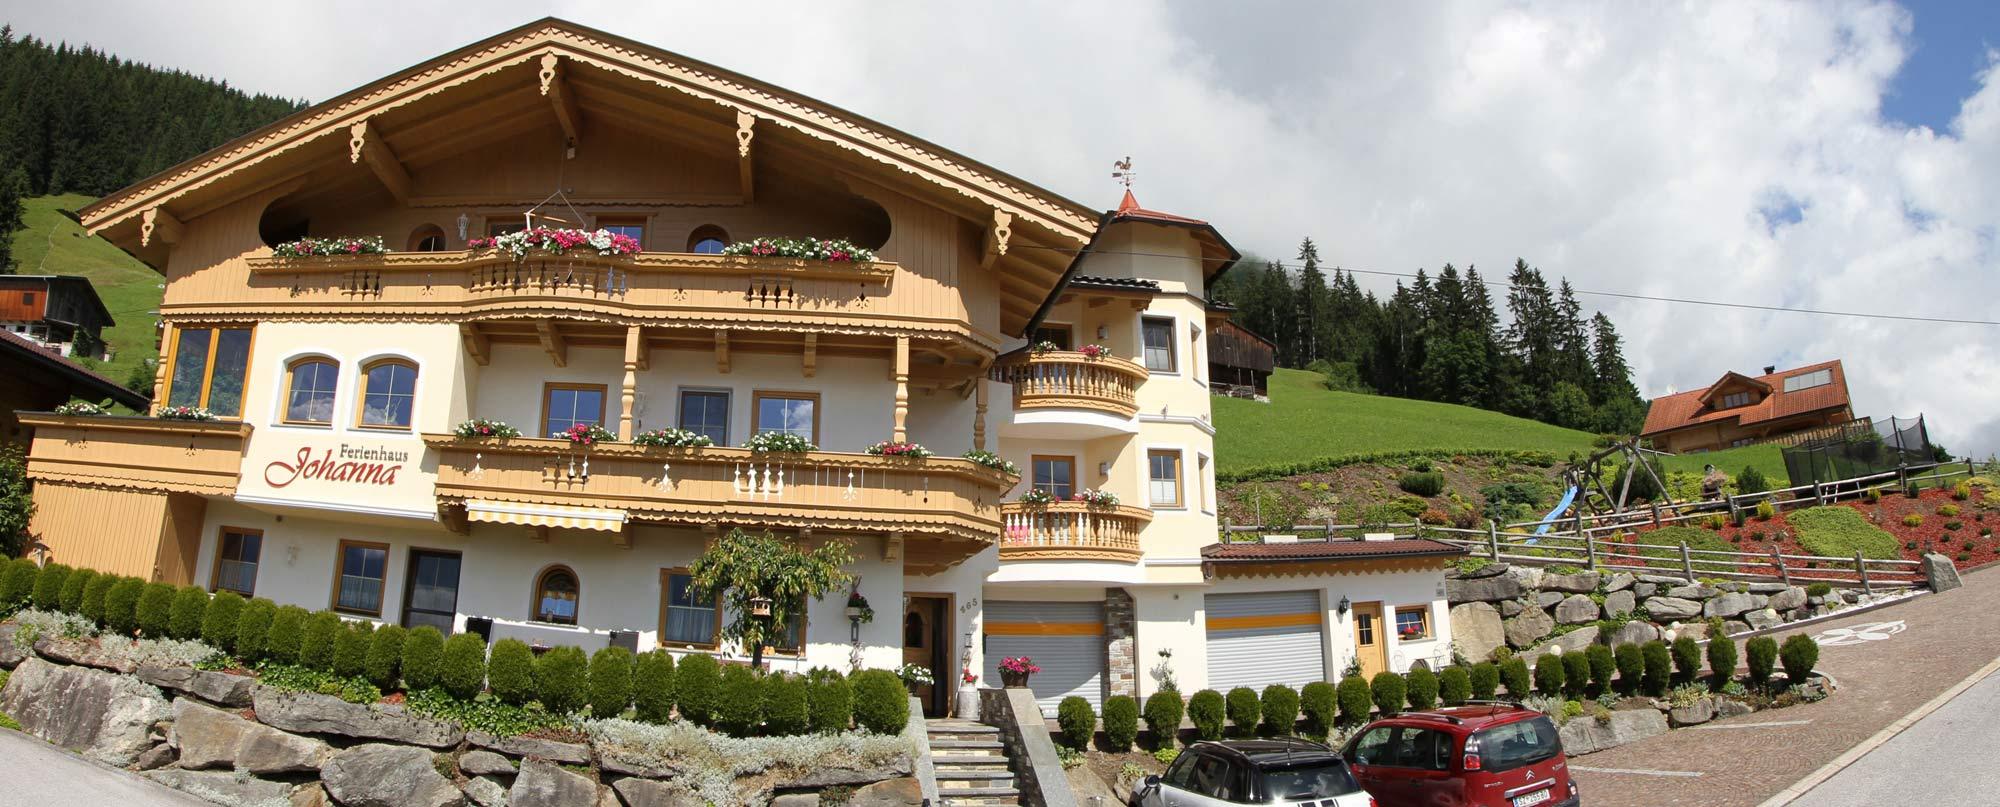 Ferienhaus Johanna im Zillertal Ferienwohnungen in der Ferienregion Hippach-Mayrhofen